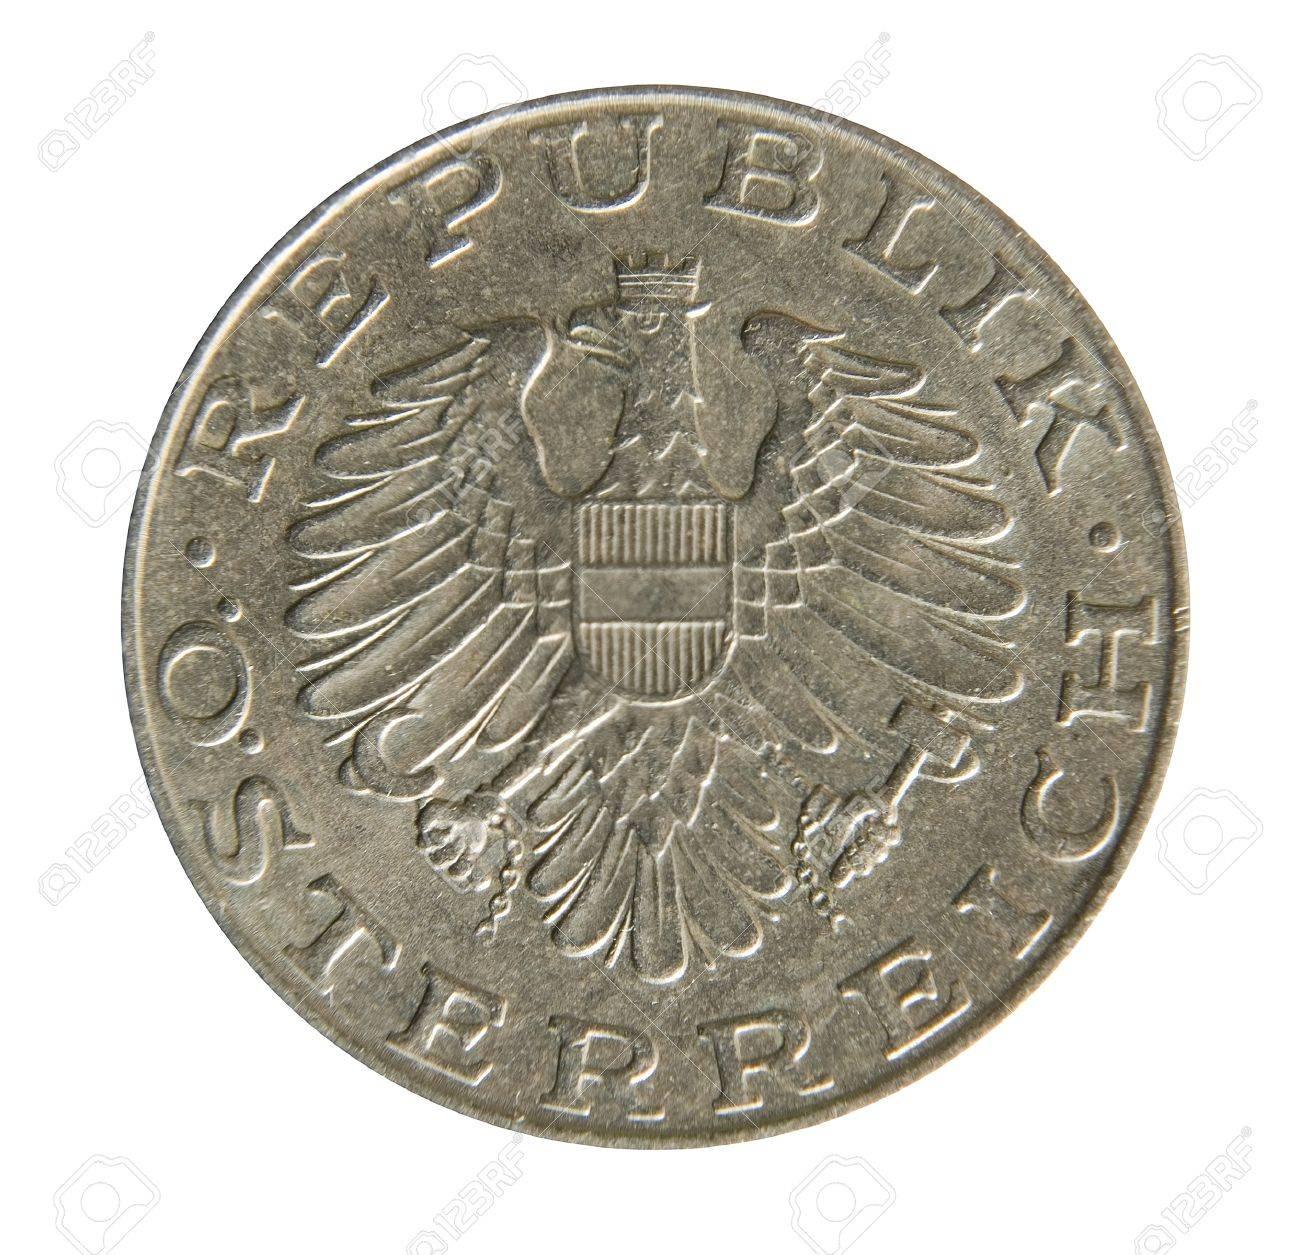 Alte österreichische 10 Schilling Münzen Auf Weißem Hintergrund